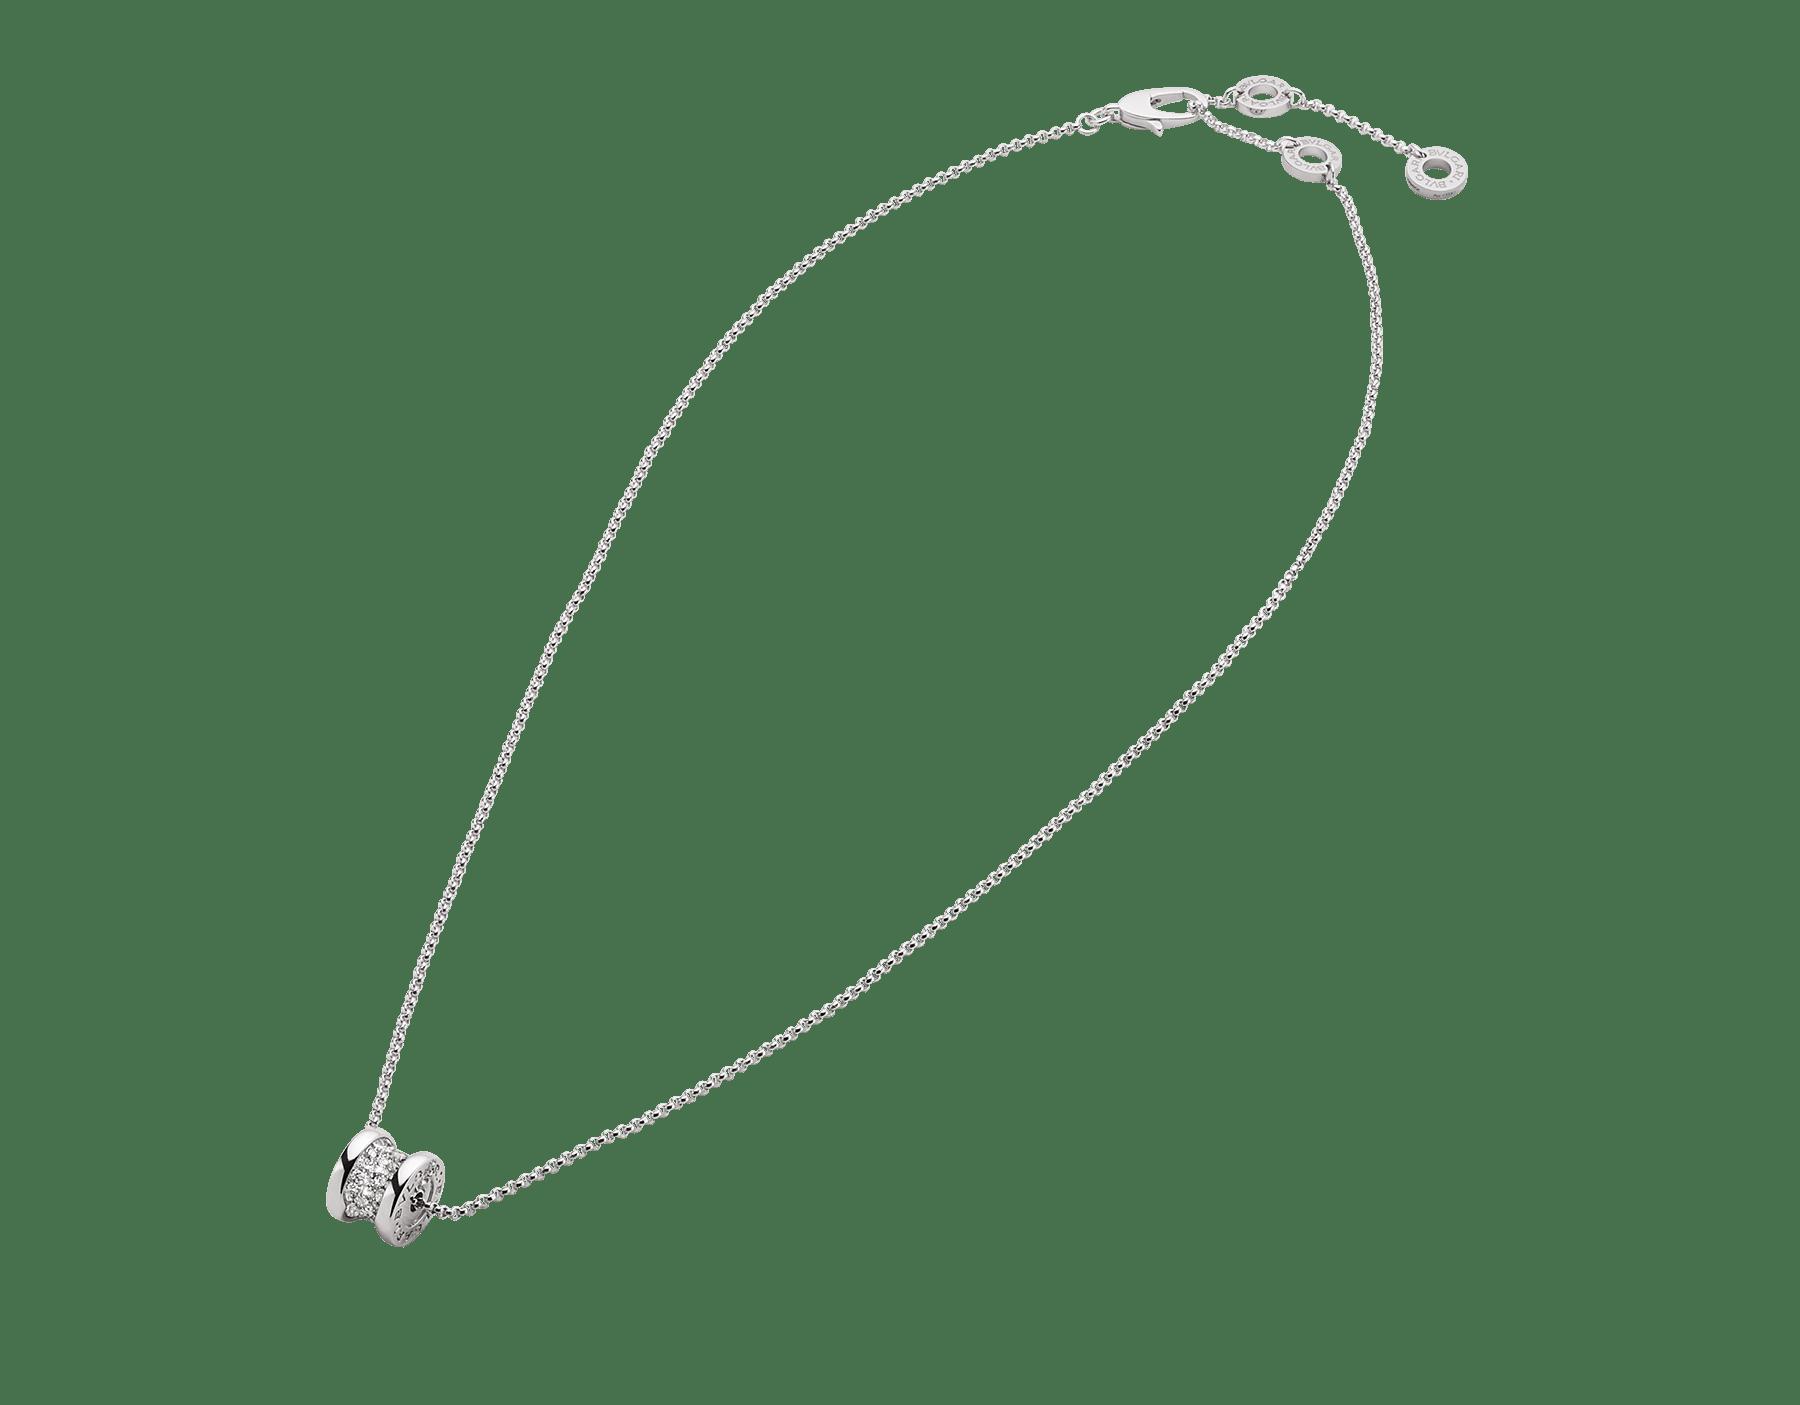 高貴なパヴェダイヤモンドをあしらった象徴的な螺旋(らせん)にホワイトゴールド製チェーンを通したビー・ゼロワン ネックレス。その独特のデザインは、現代的なエレガンスと融合します。 351117 image 2